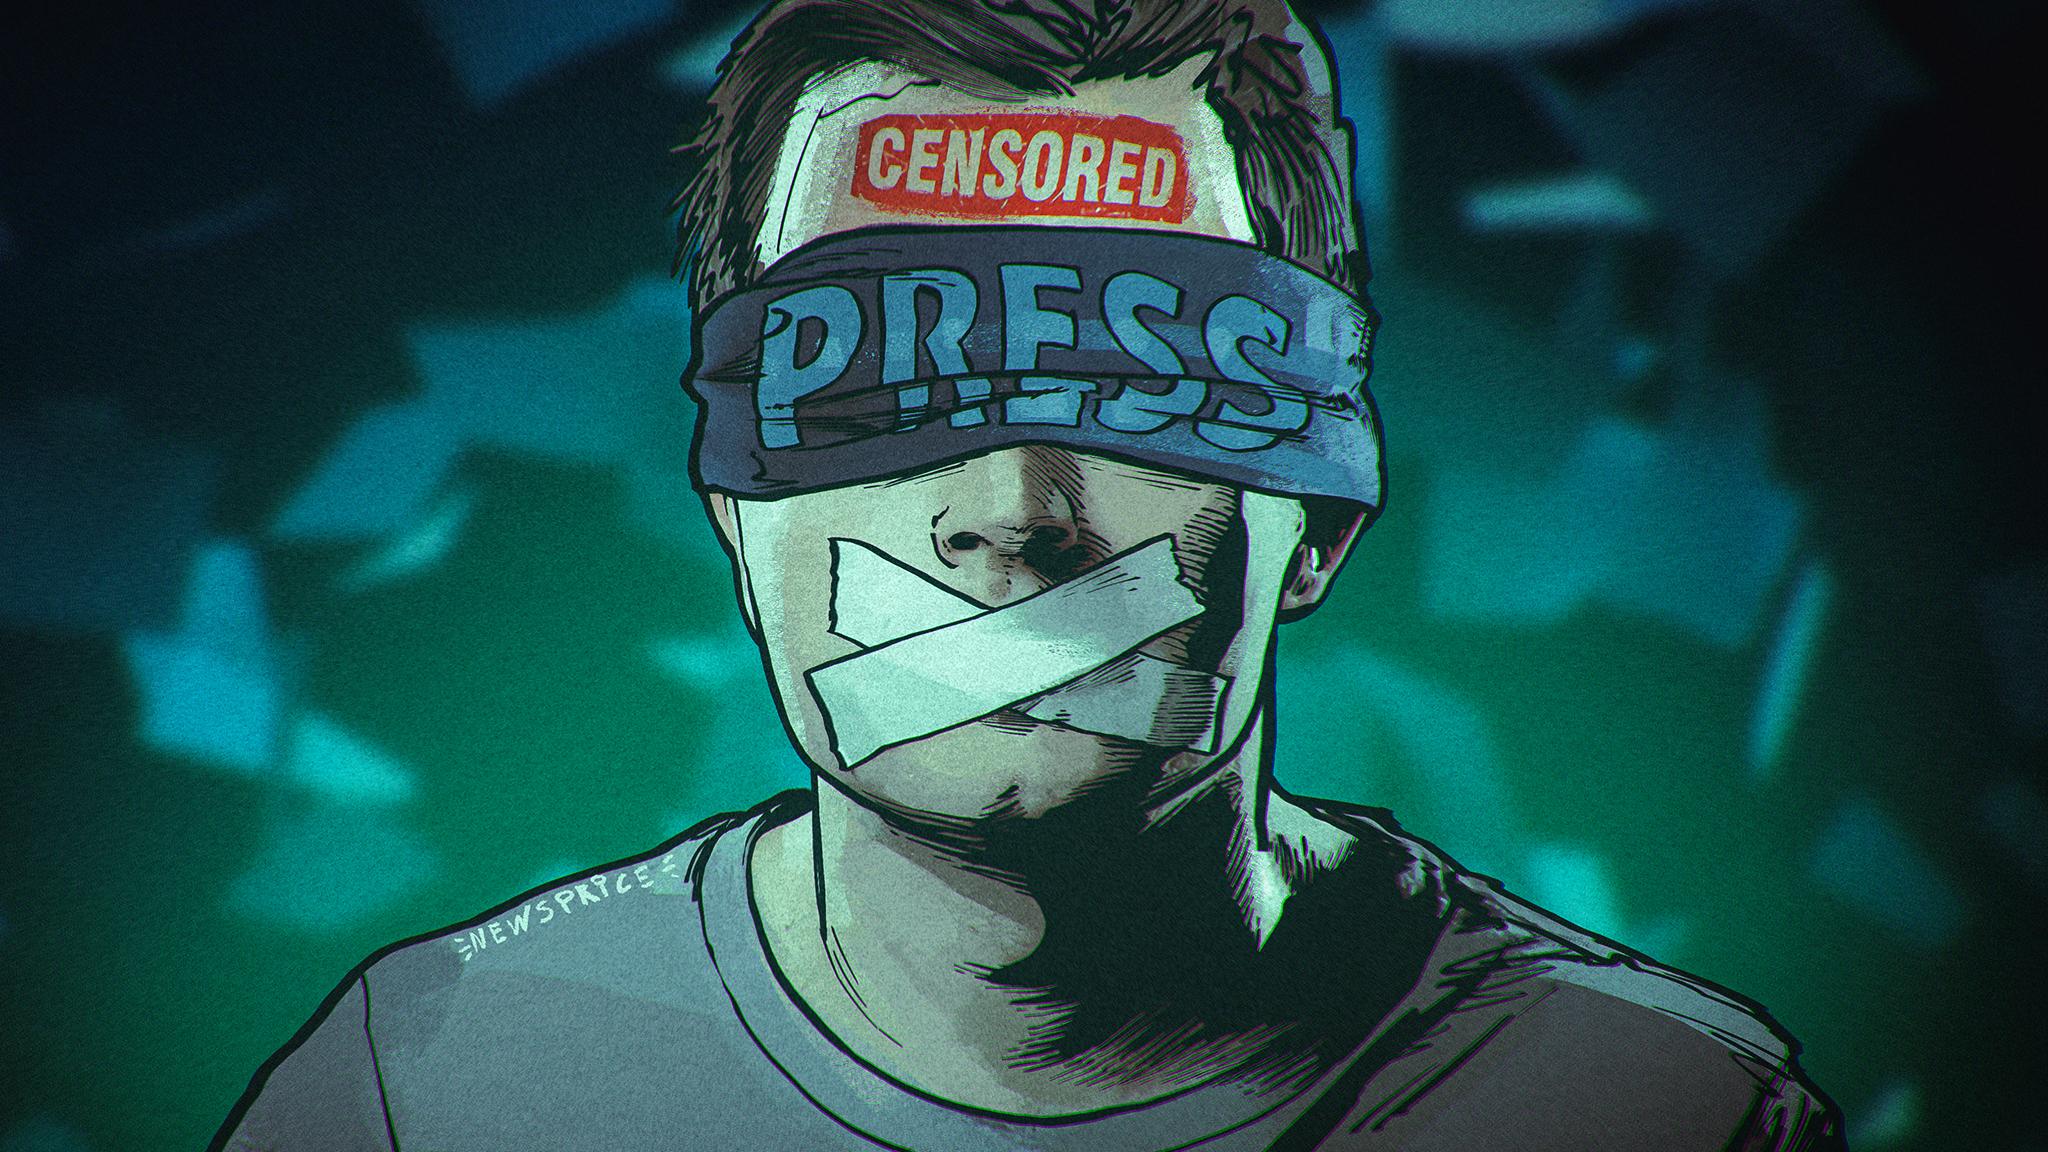 Законопроект «О медиа» в Украине: прямая атака на СМИ или попытка упорядочить медиарынок?